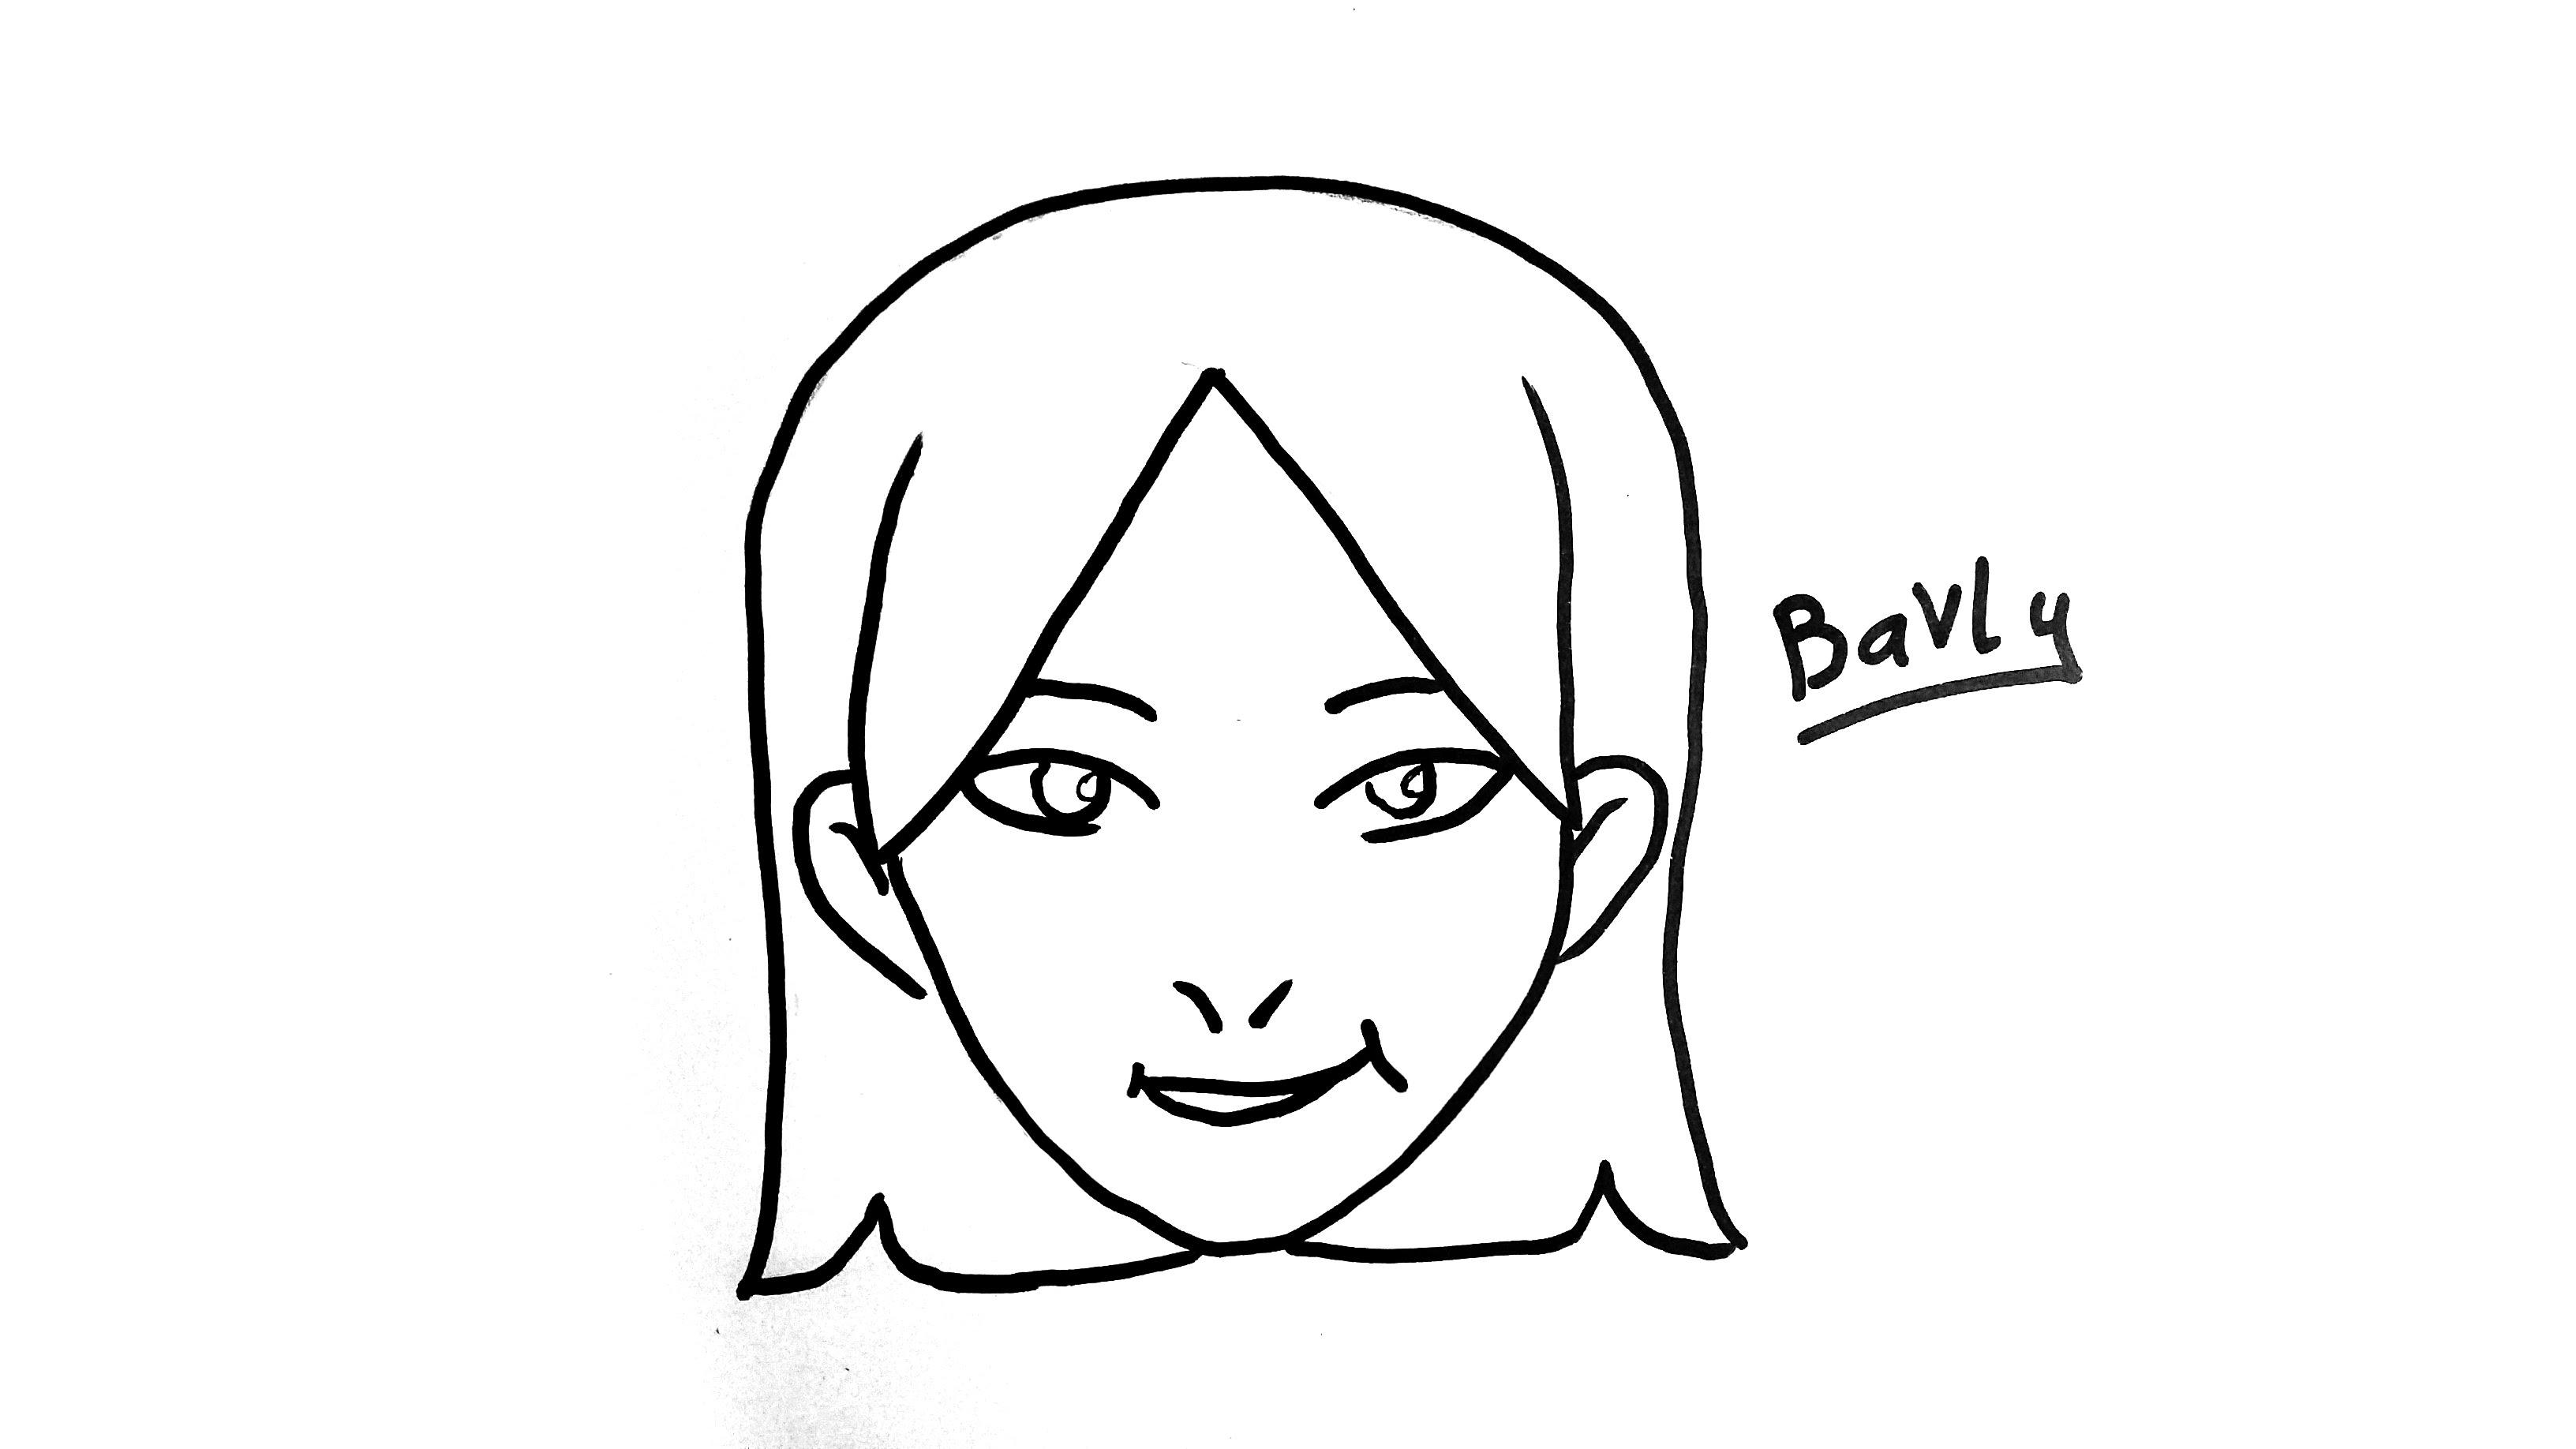 بالصور رسم سهل جدا , اجمل رسومات سهلة ومميزة 6528 2